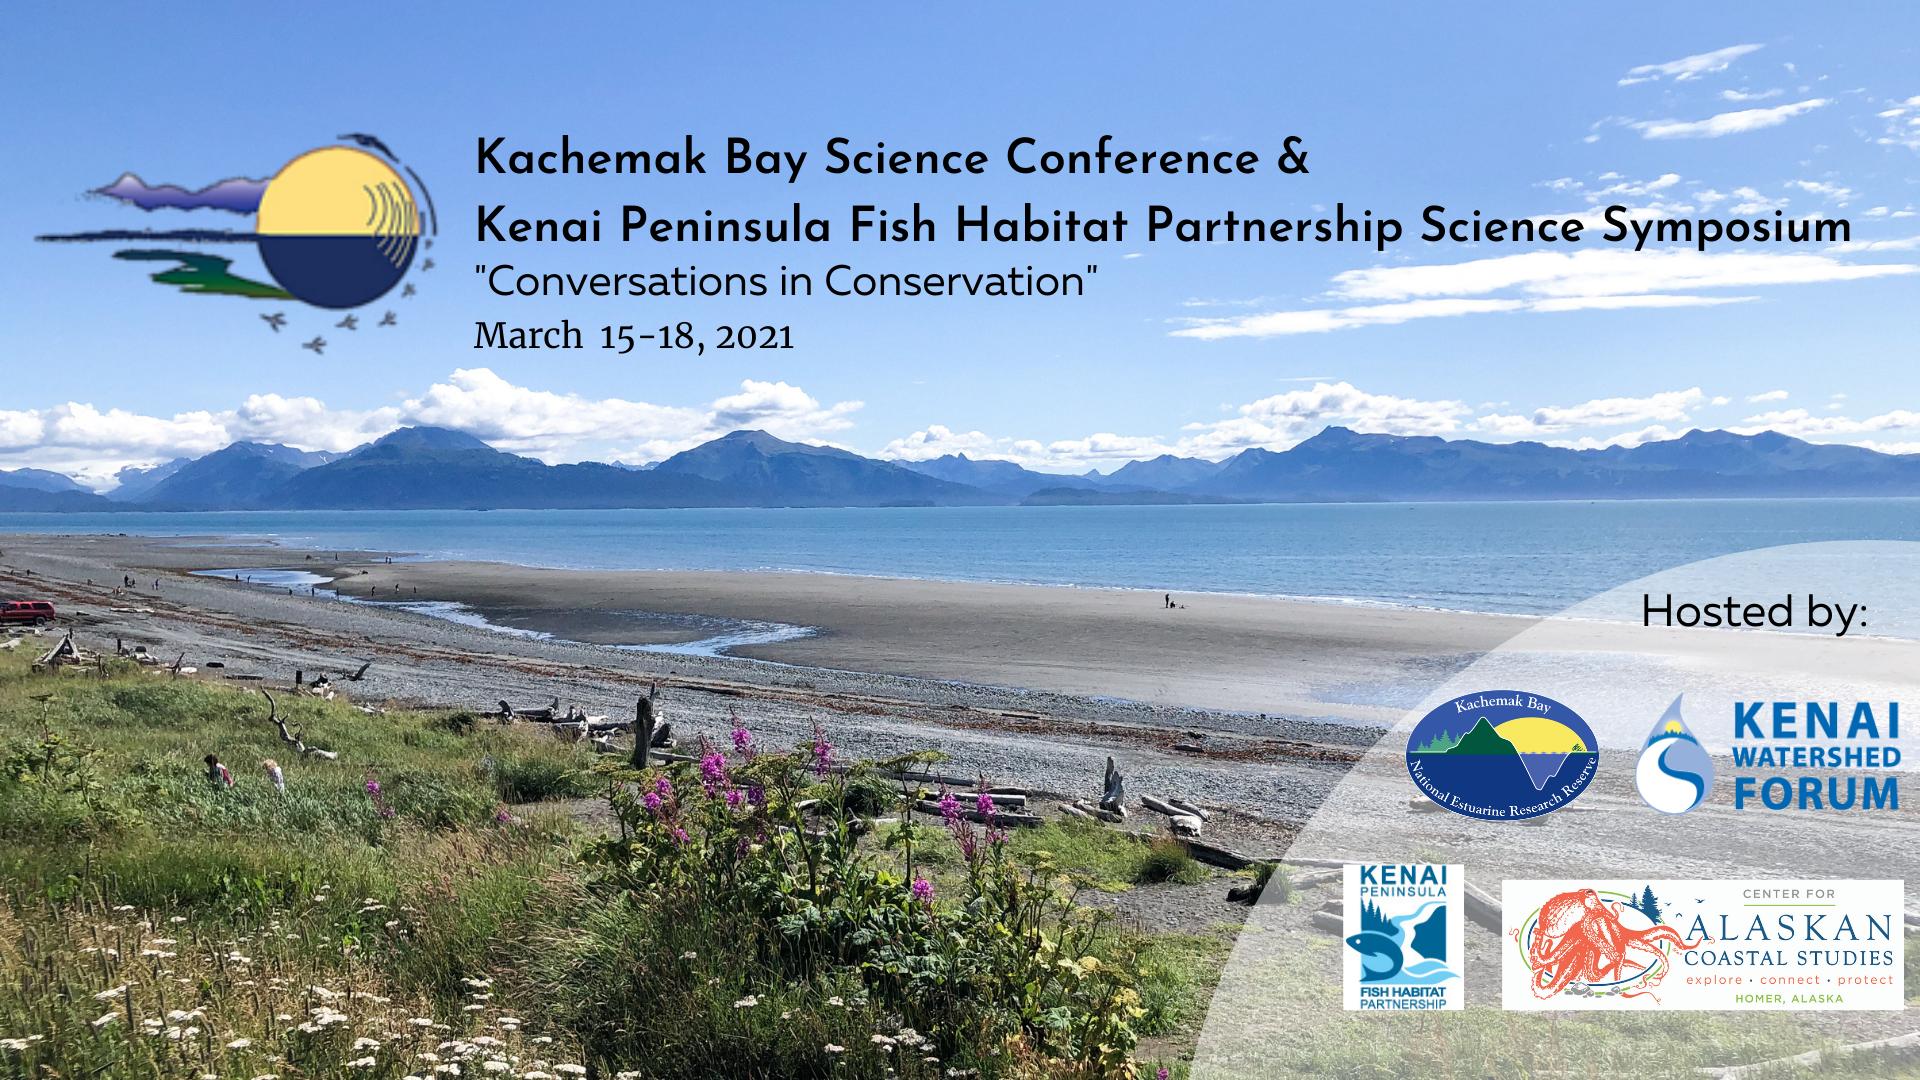 2021 Kachemak Bay Science Conference